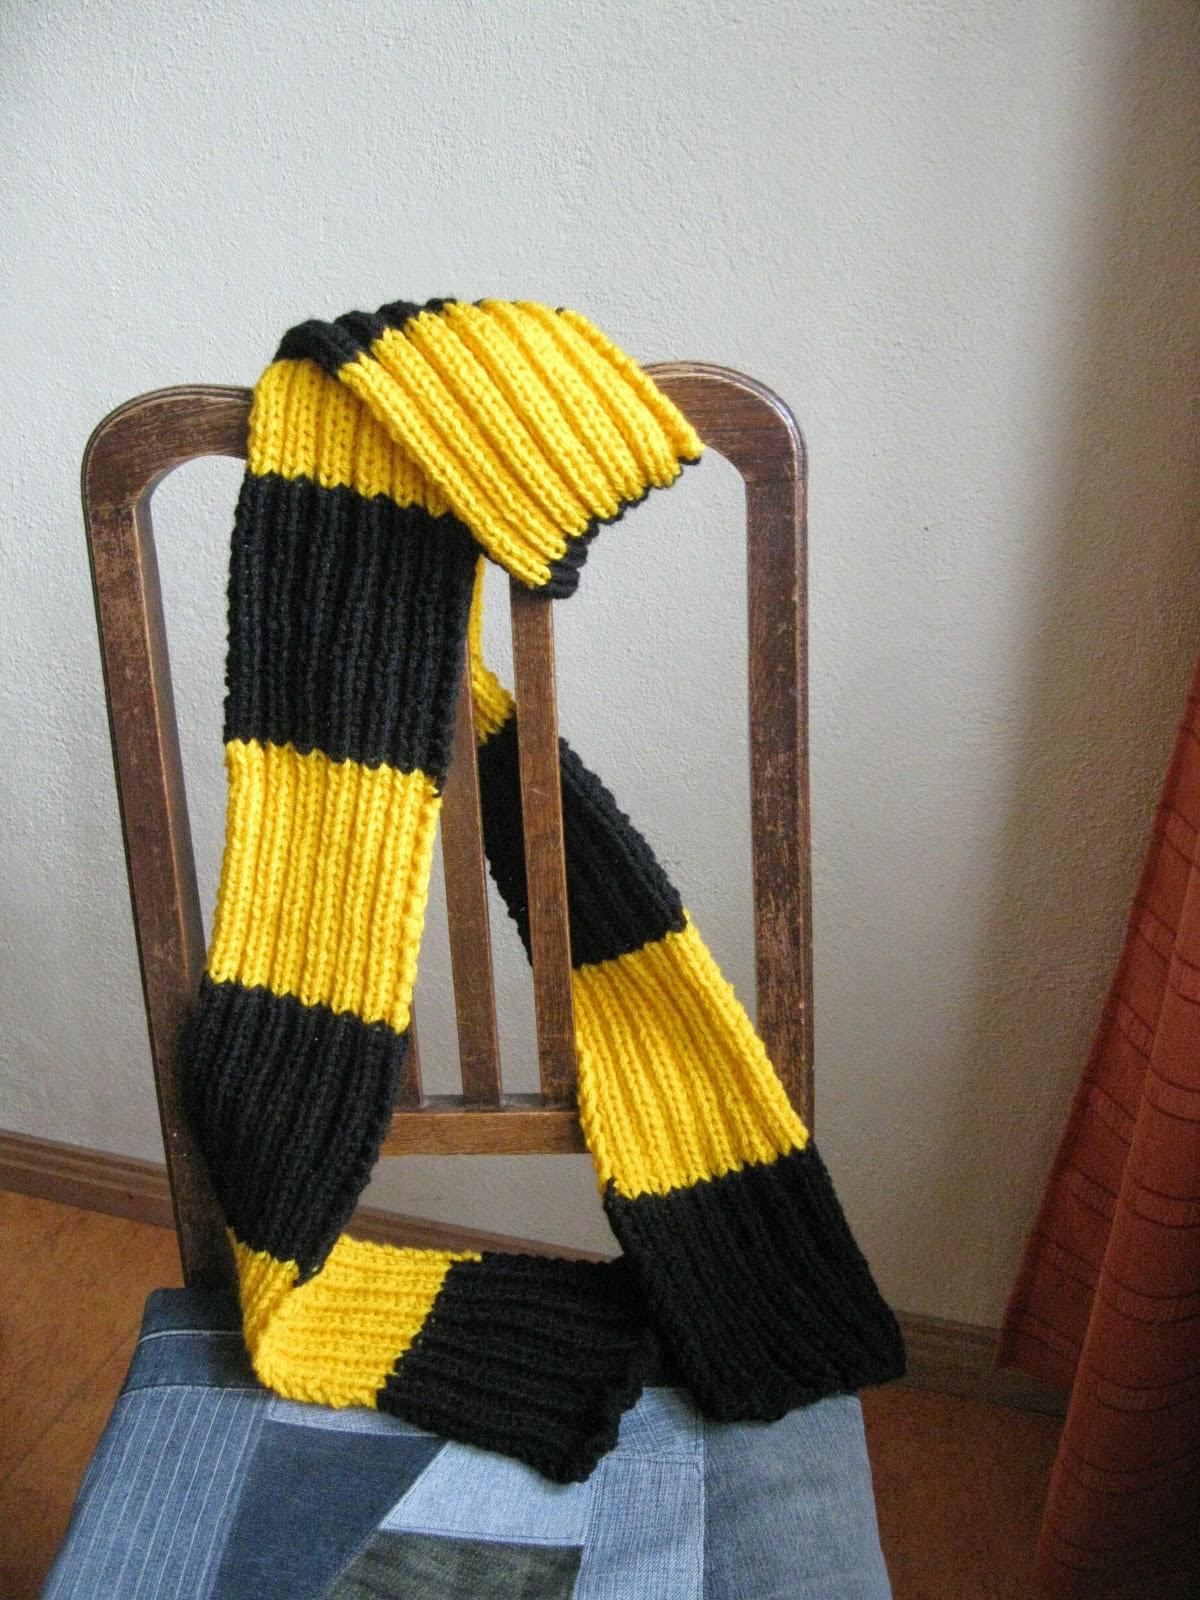 Valomeas Flickenkiste Ein Schal Für Einen Bvb Fan